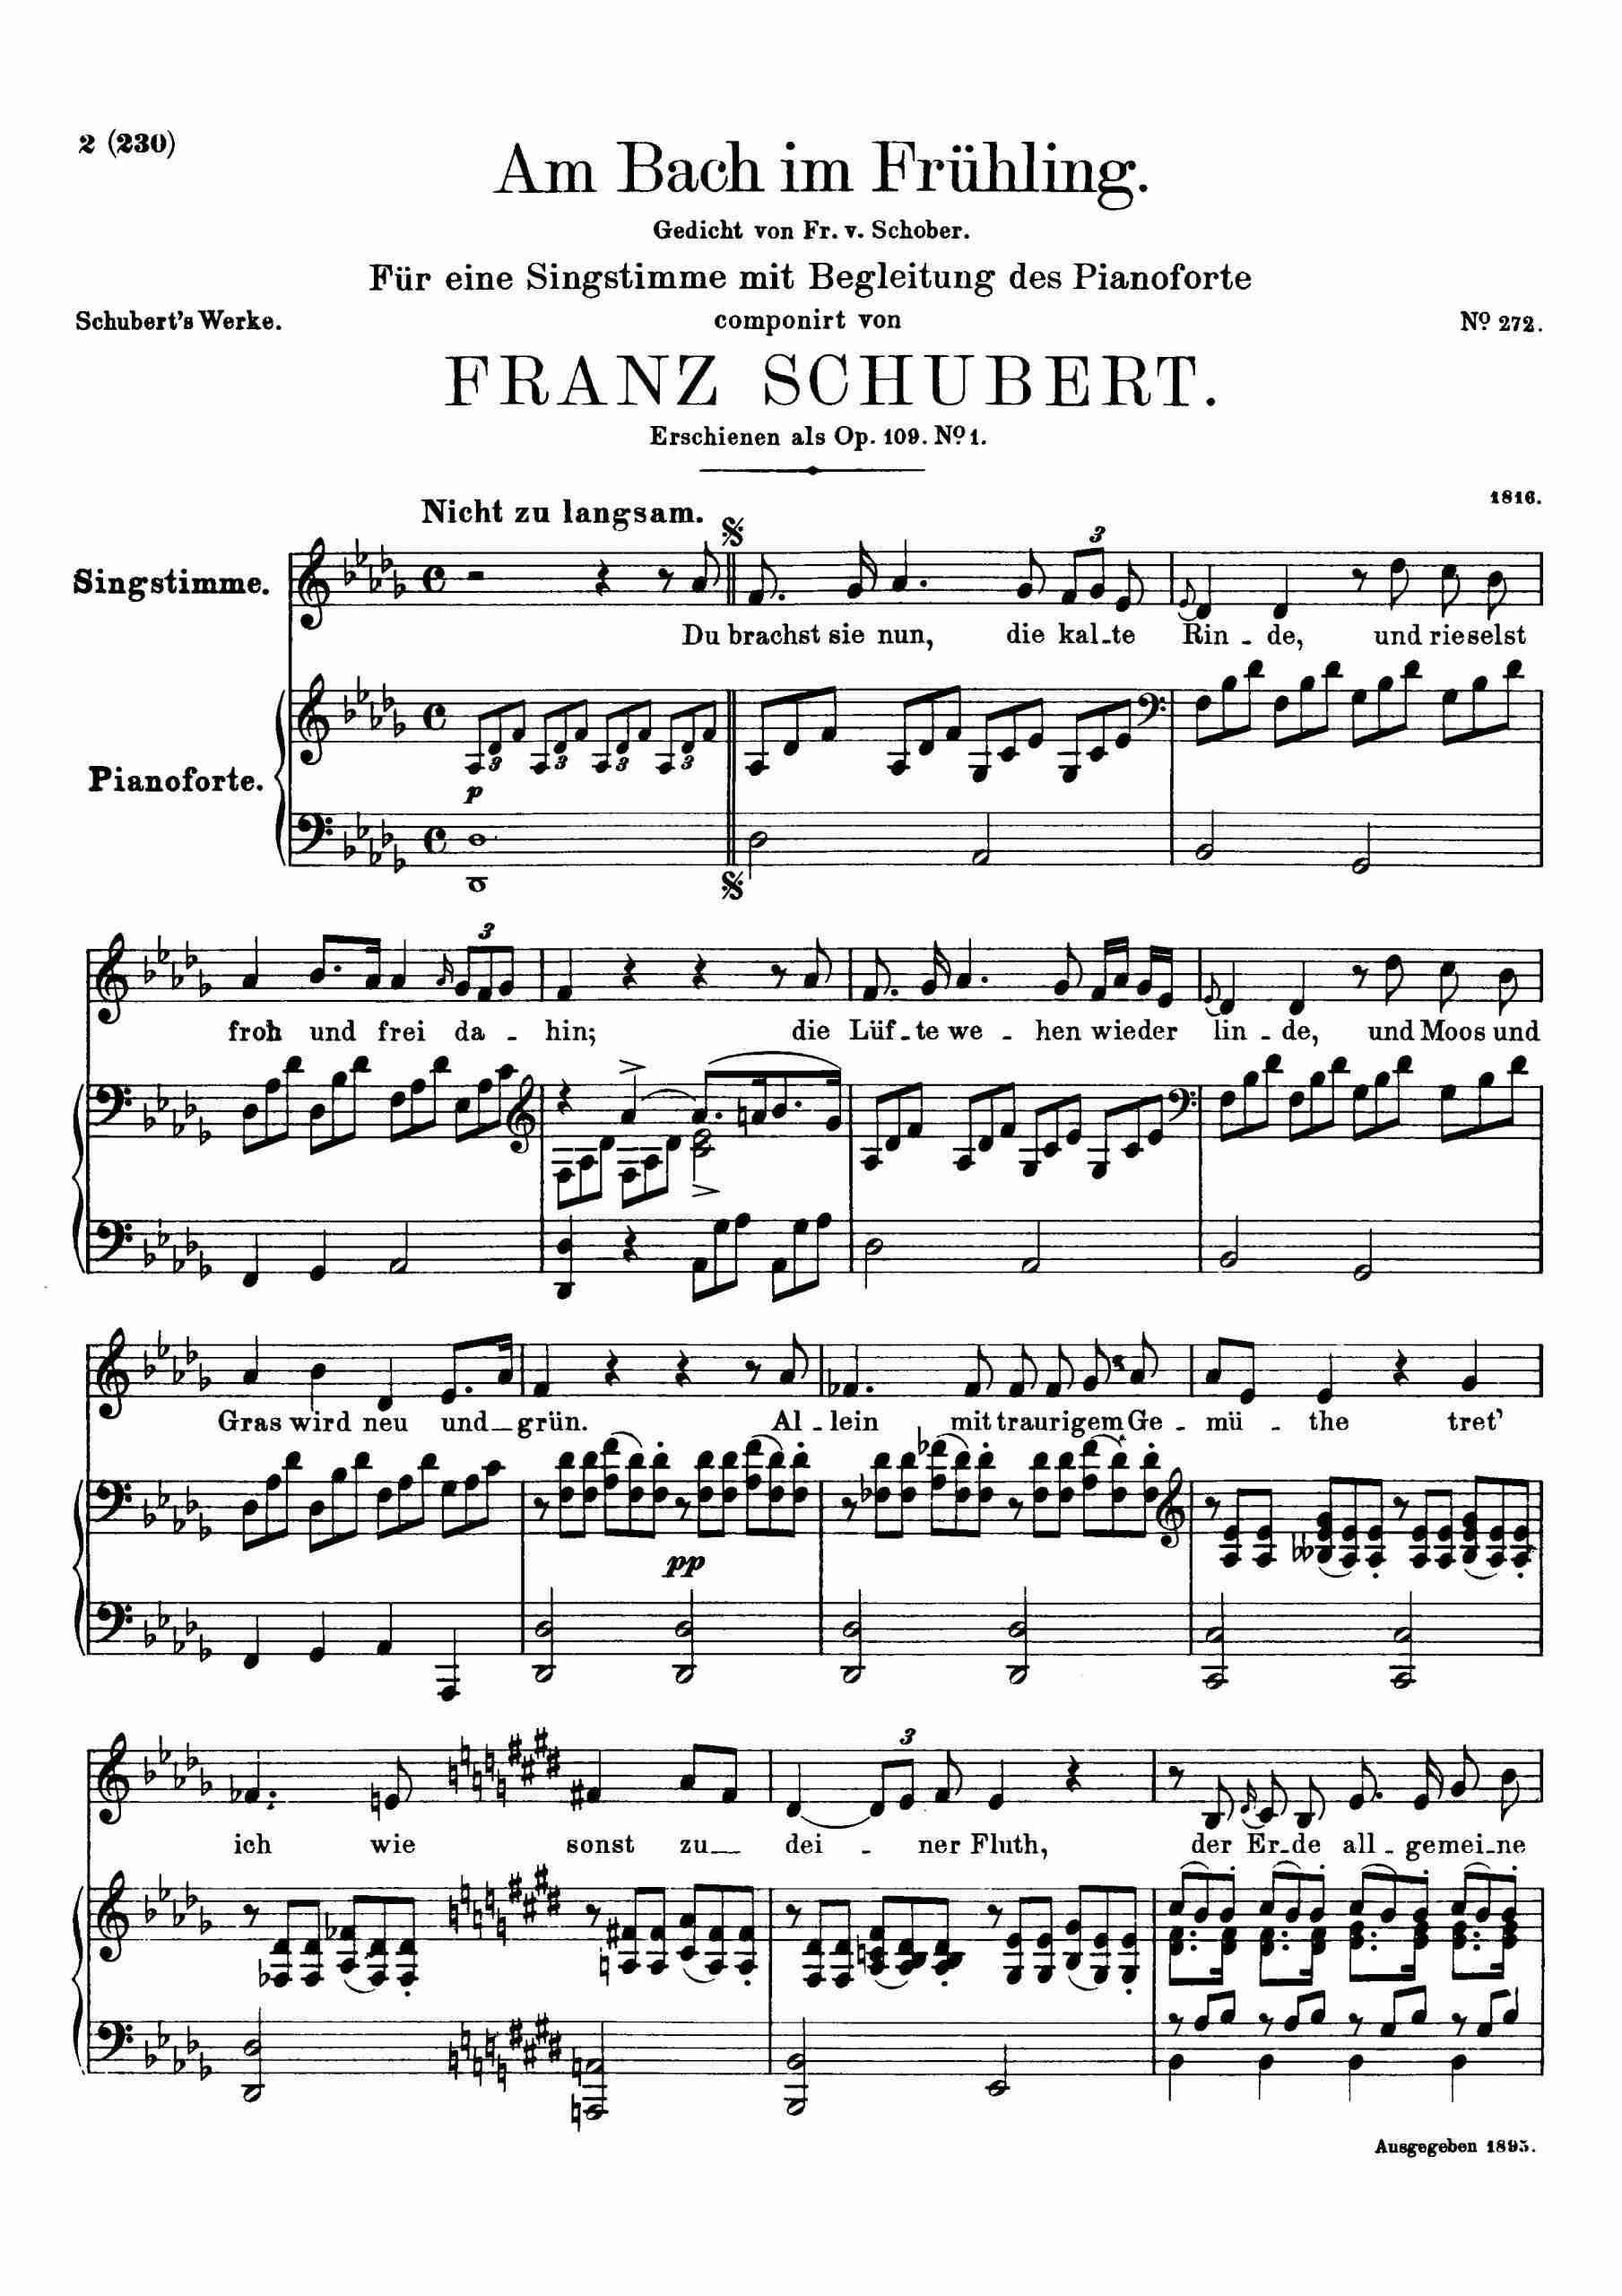 Schubert, Franz - Am Bach im Frühling, D.361